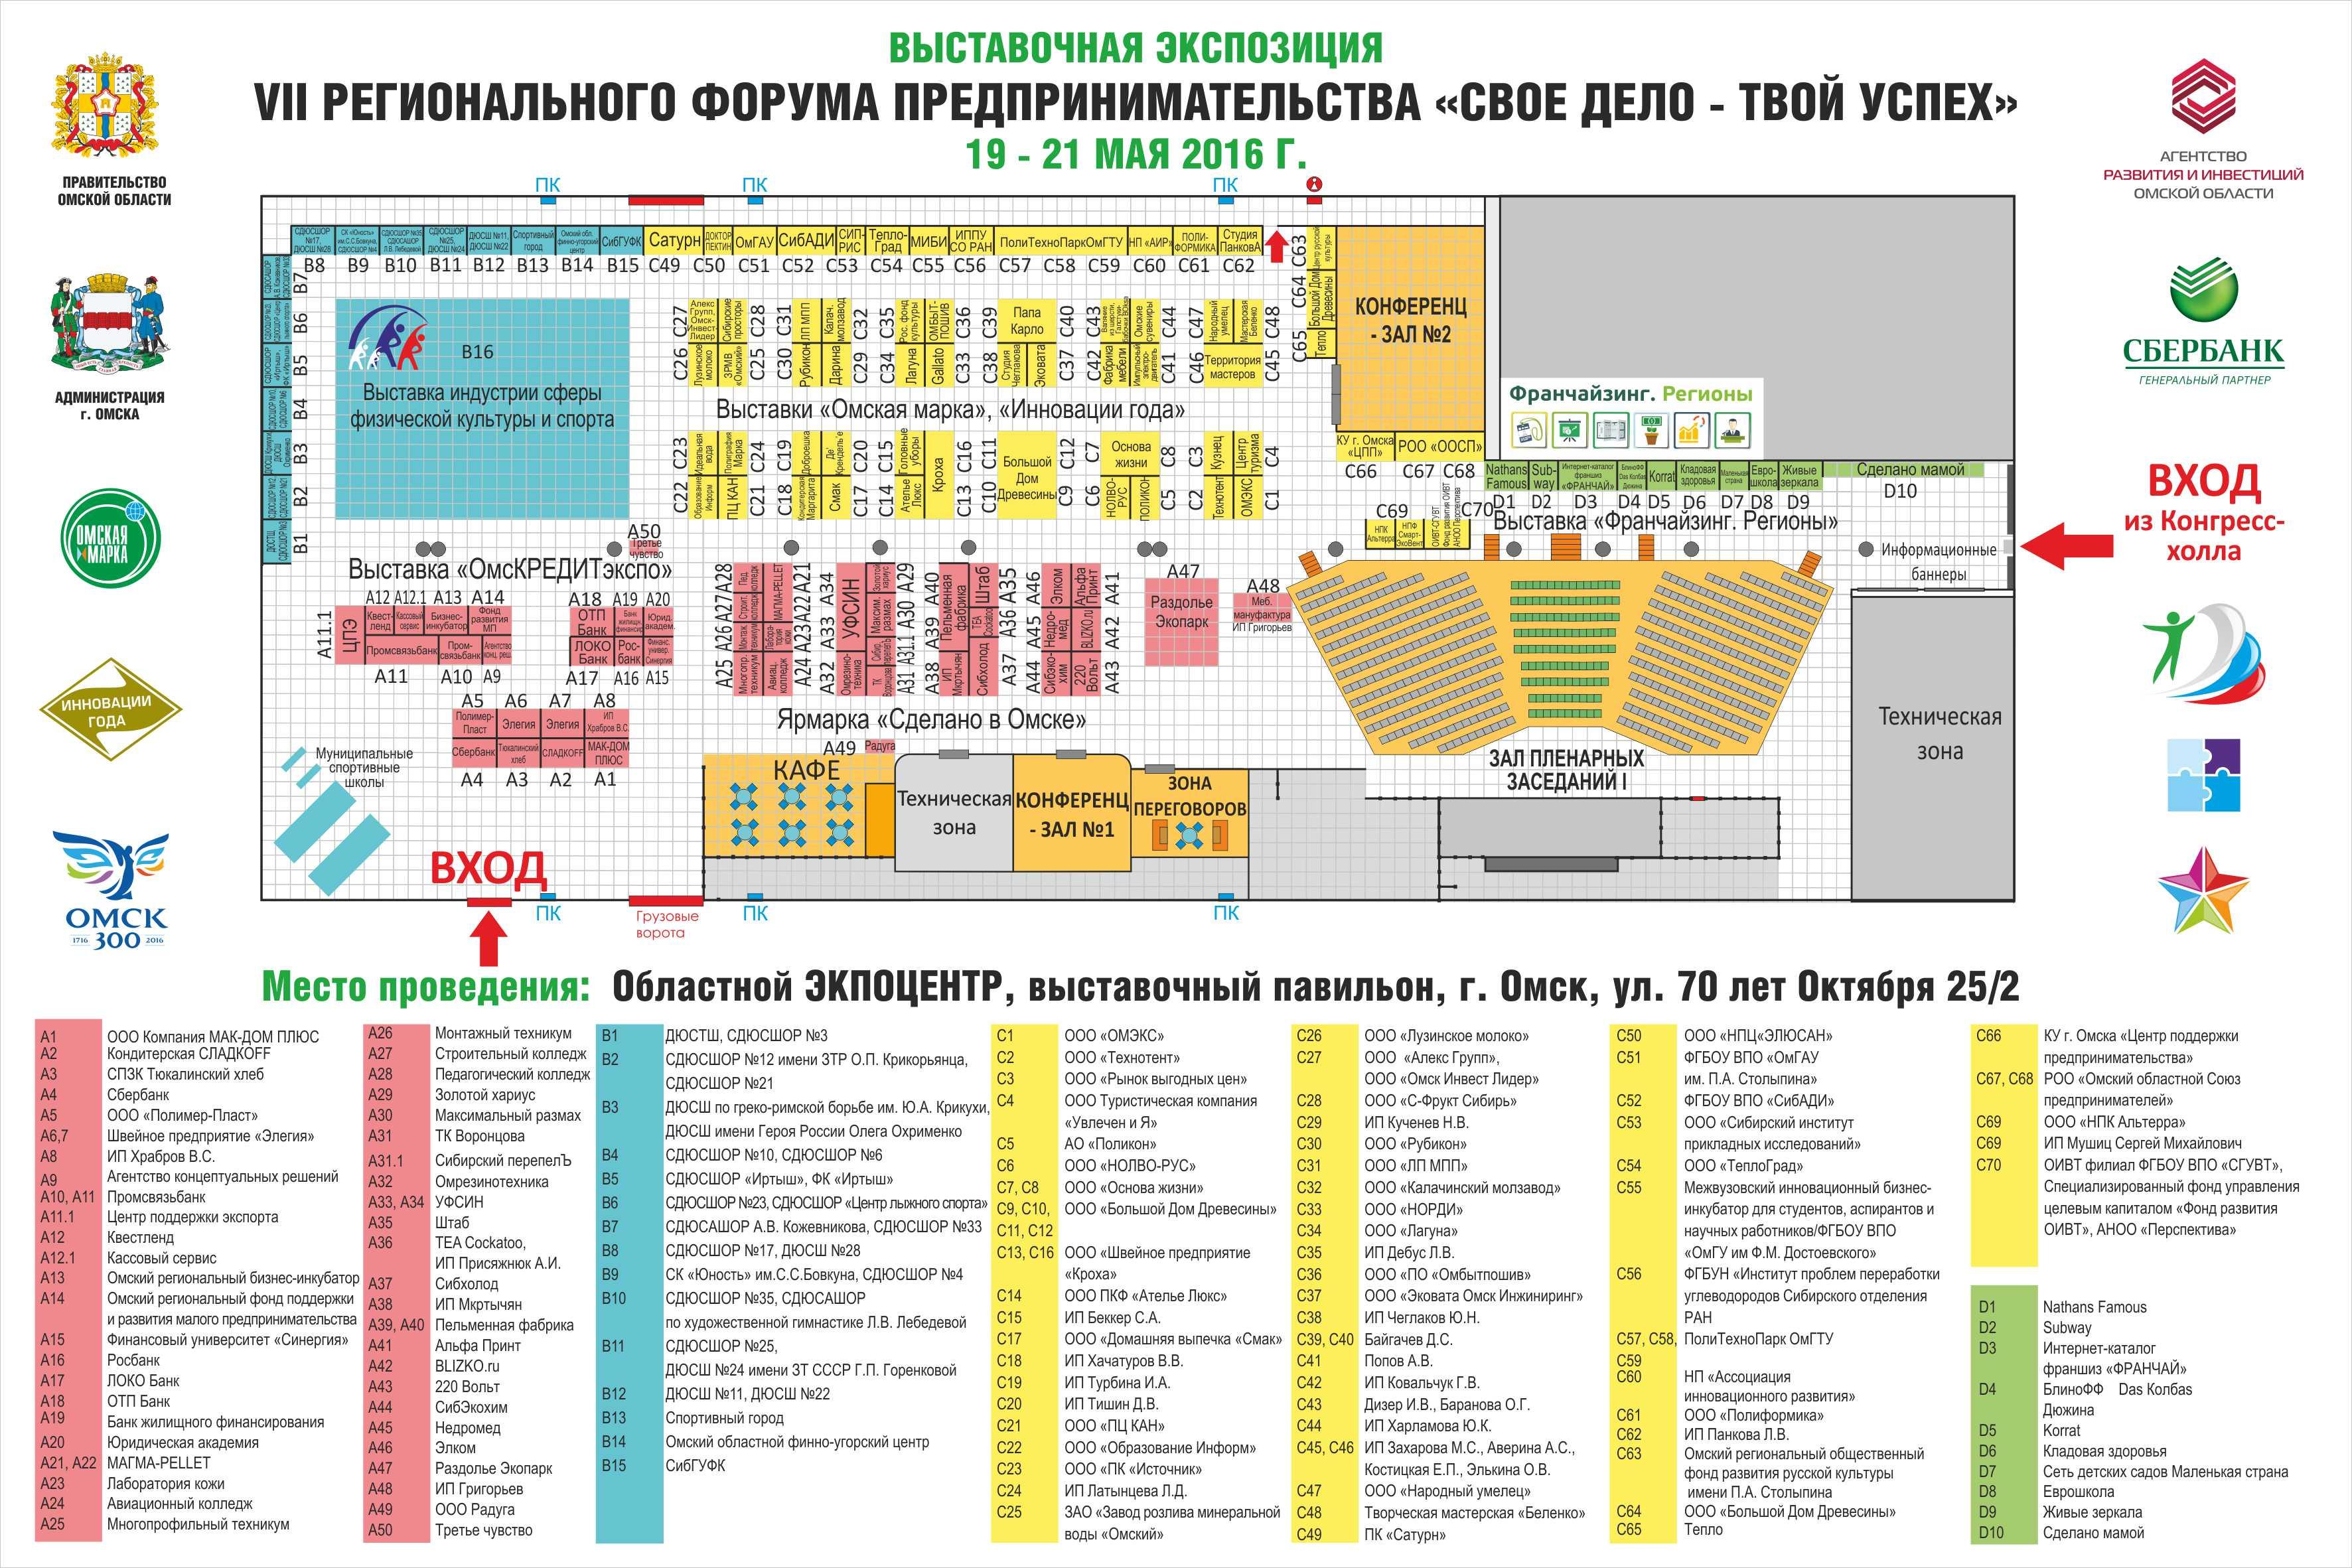 петровская индустриализация презентация